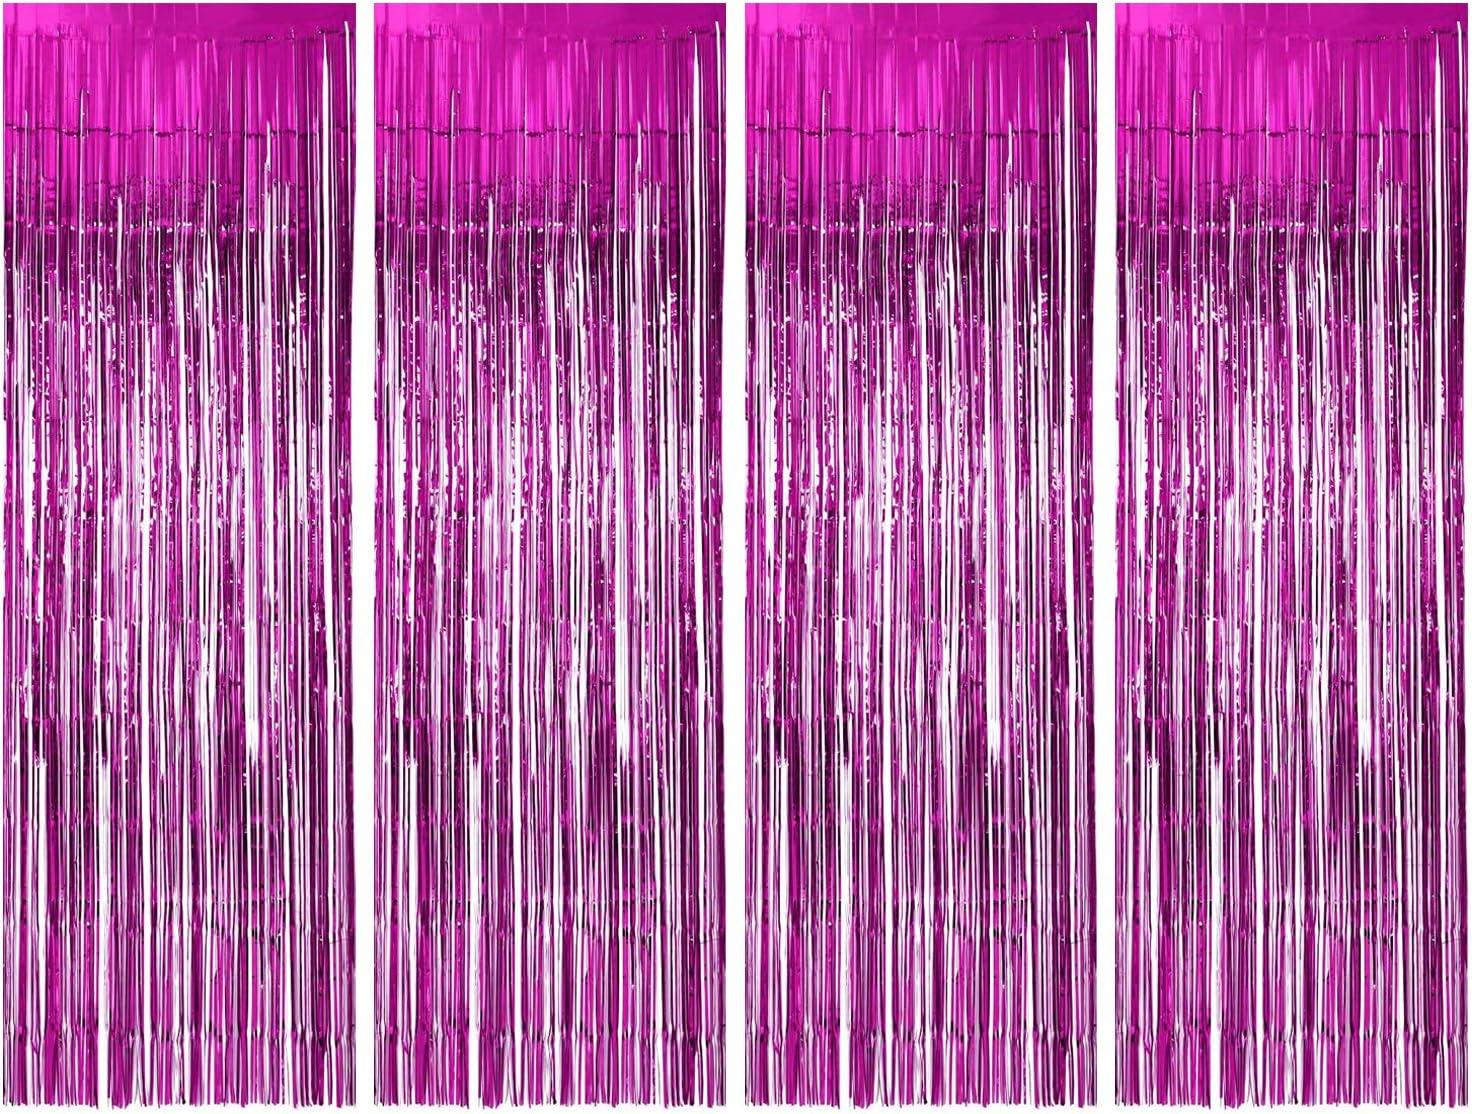 YWILL Cortinas de Malla Metálica/Cortina de lámina/Franjas Decoración Fondopara Fiesta de Cumpleaños/Bodas,Decoraciones Bricolaje Ventana/Puerta Apoyos Foto/Fotomatón para Festival Navidad (1x2.5m)